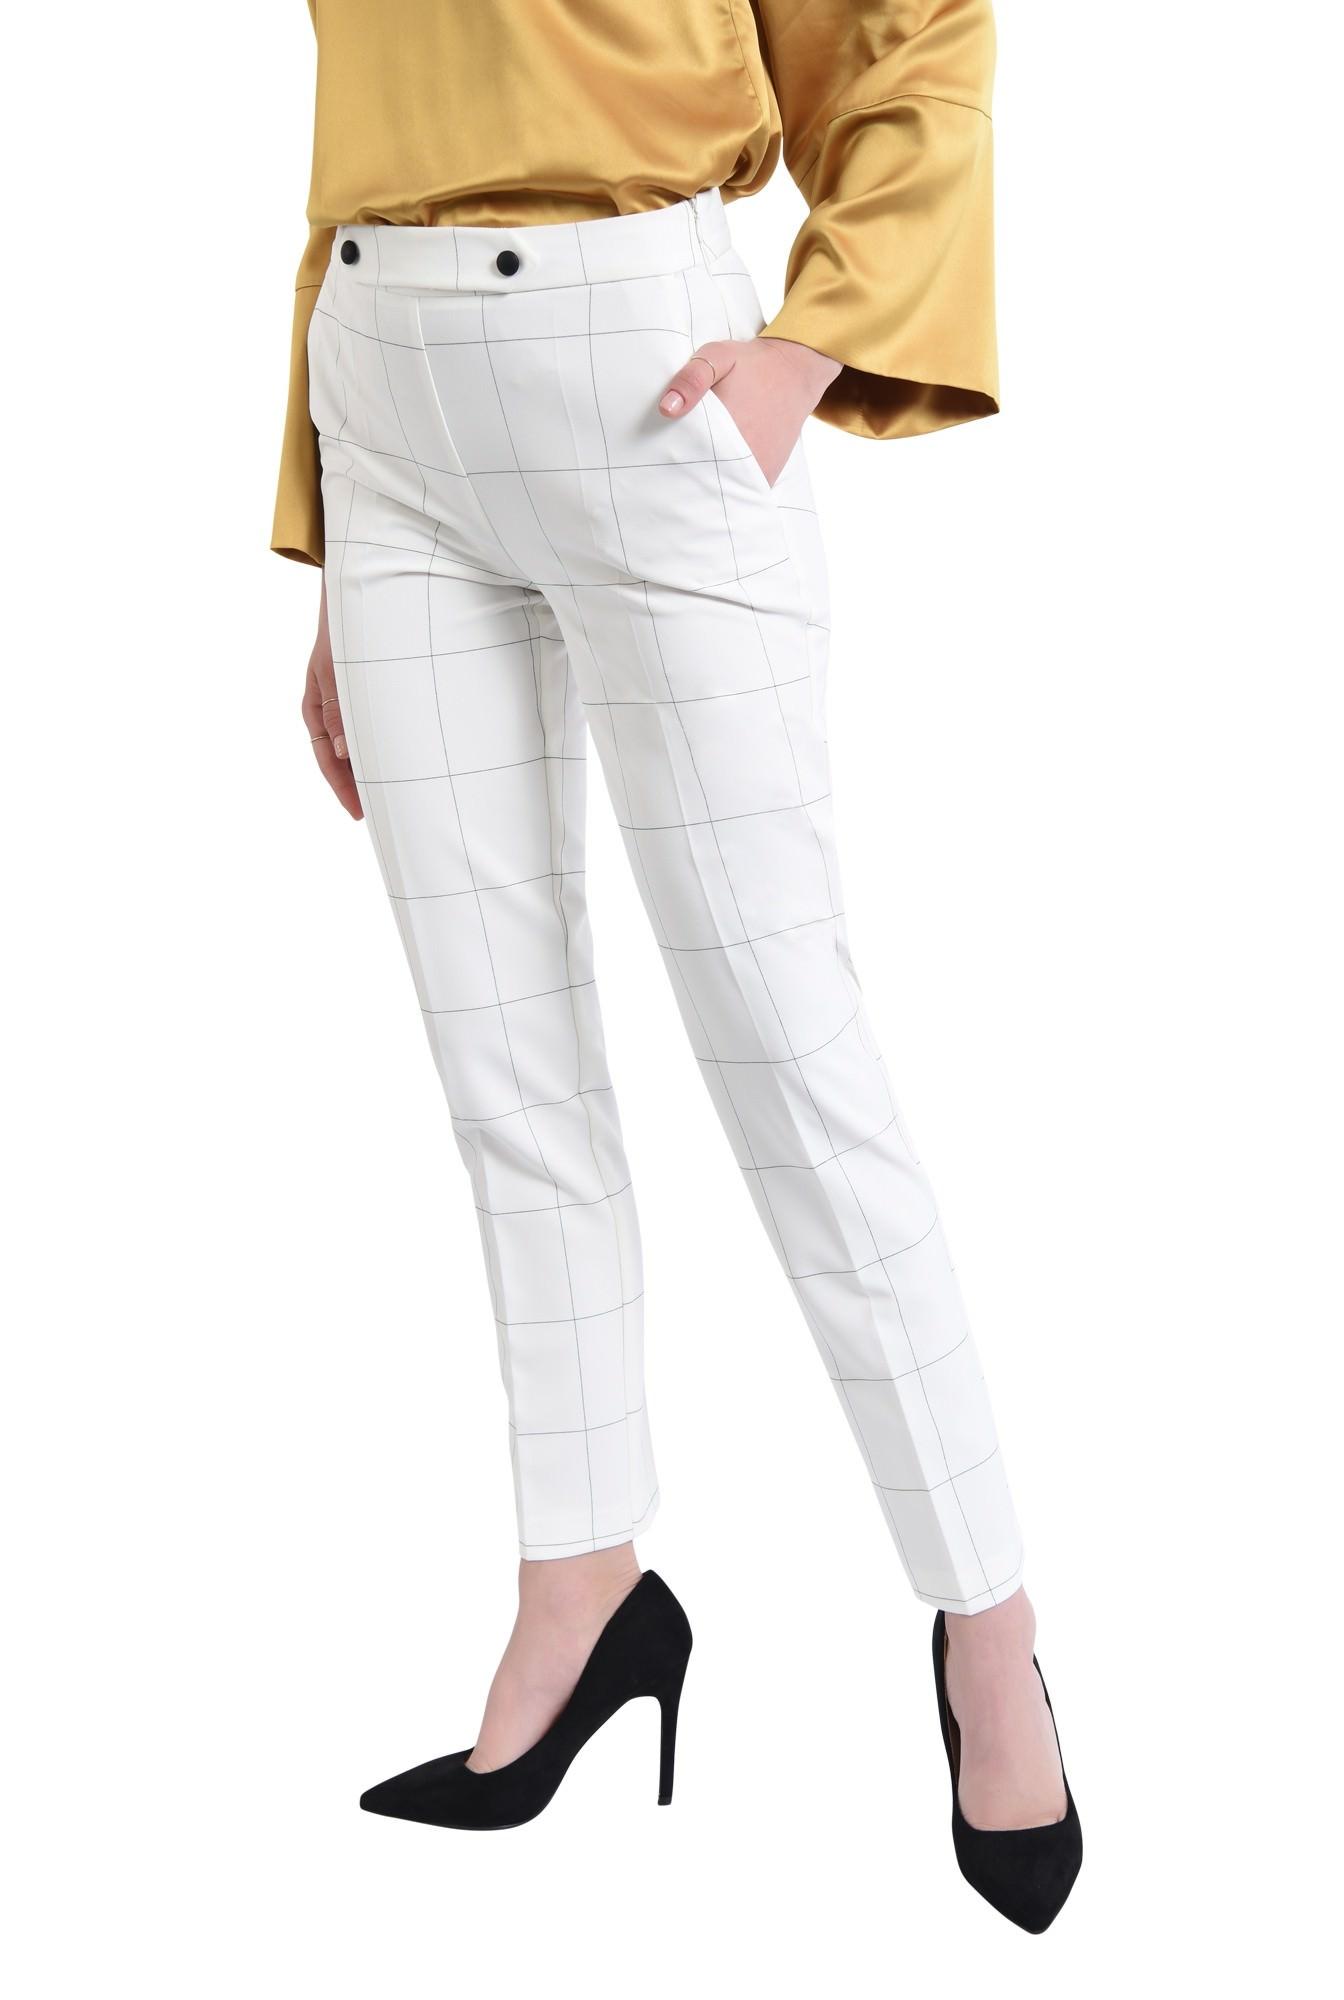 Pantaloni conici, talie medie